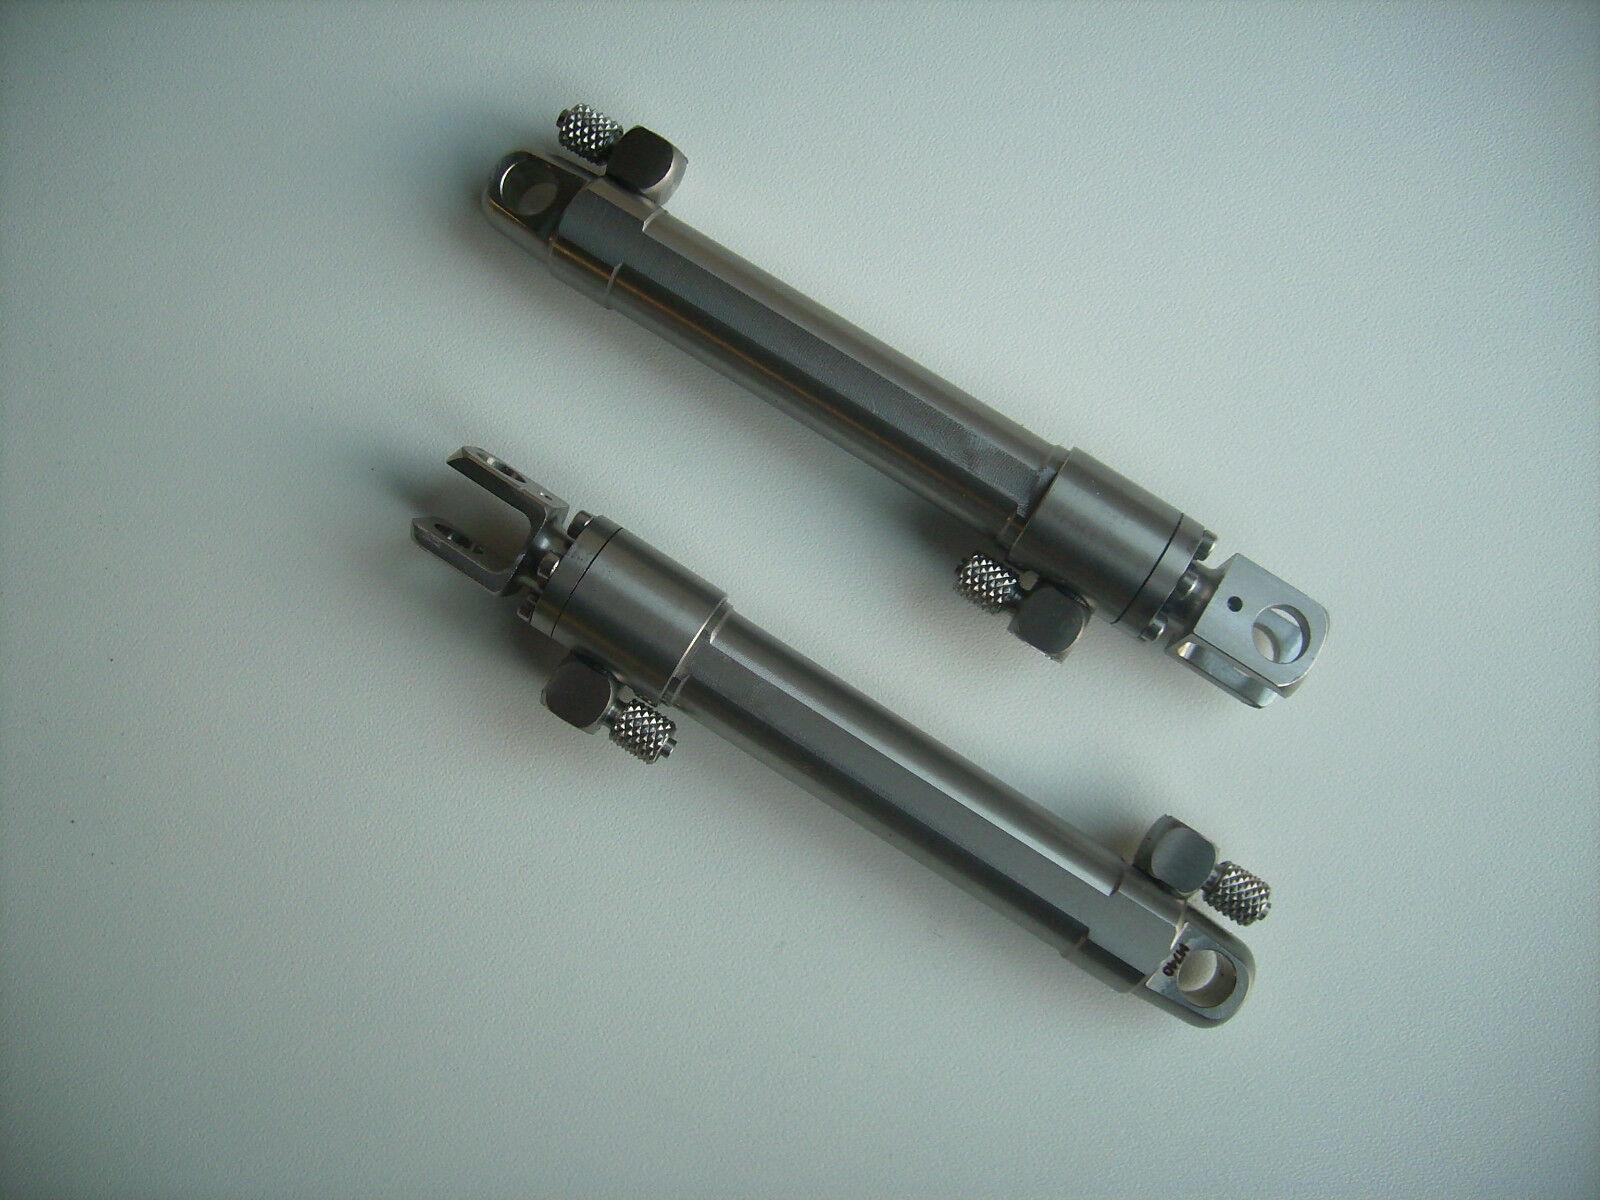 GBH 0109 cilindros hidráulicos para hubgerüst laderaupe Carson 2 unid. de acero inoxidable